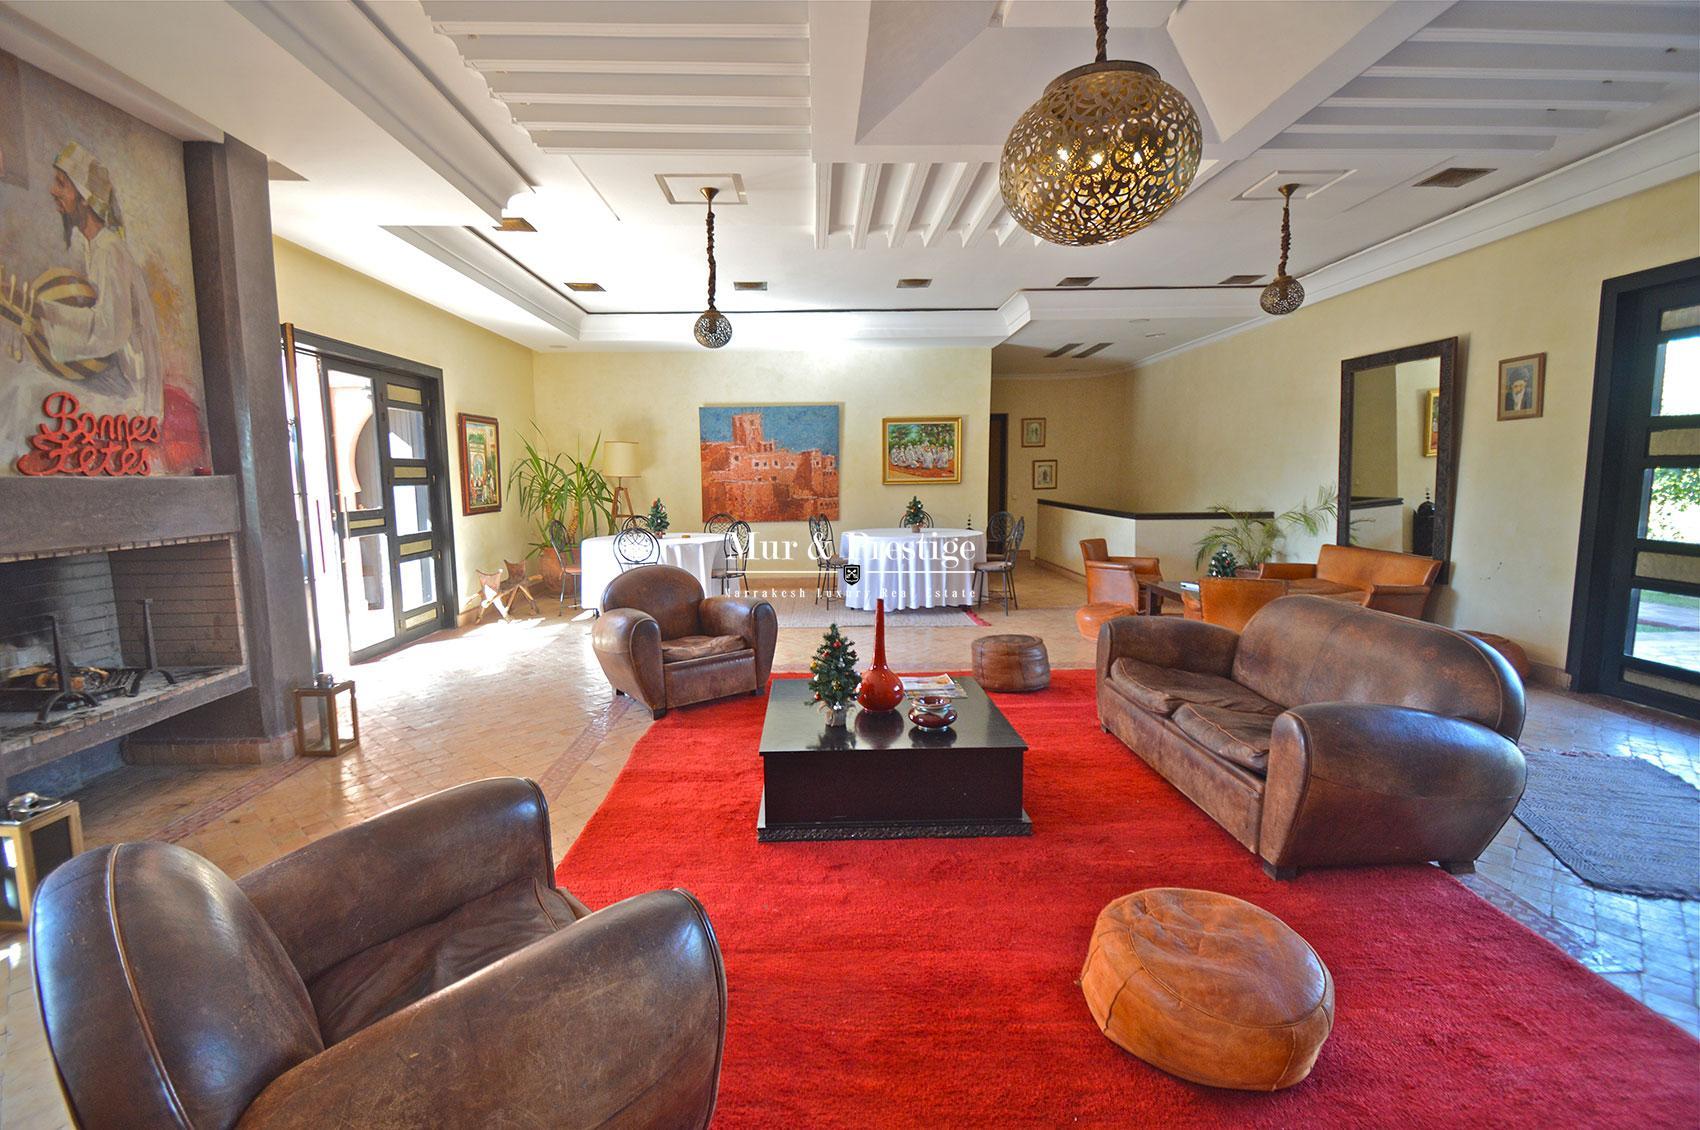 Maisons d'hotes en vente Marrakech